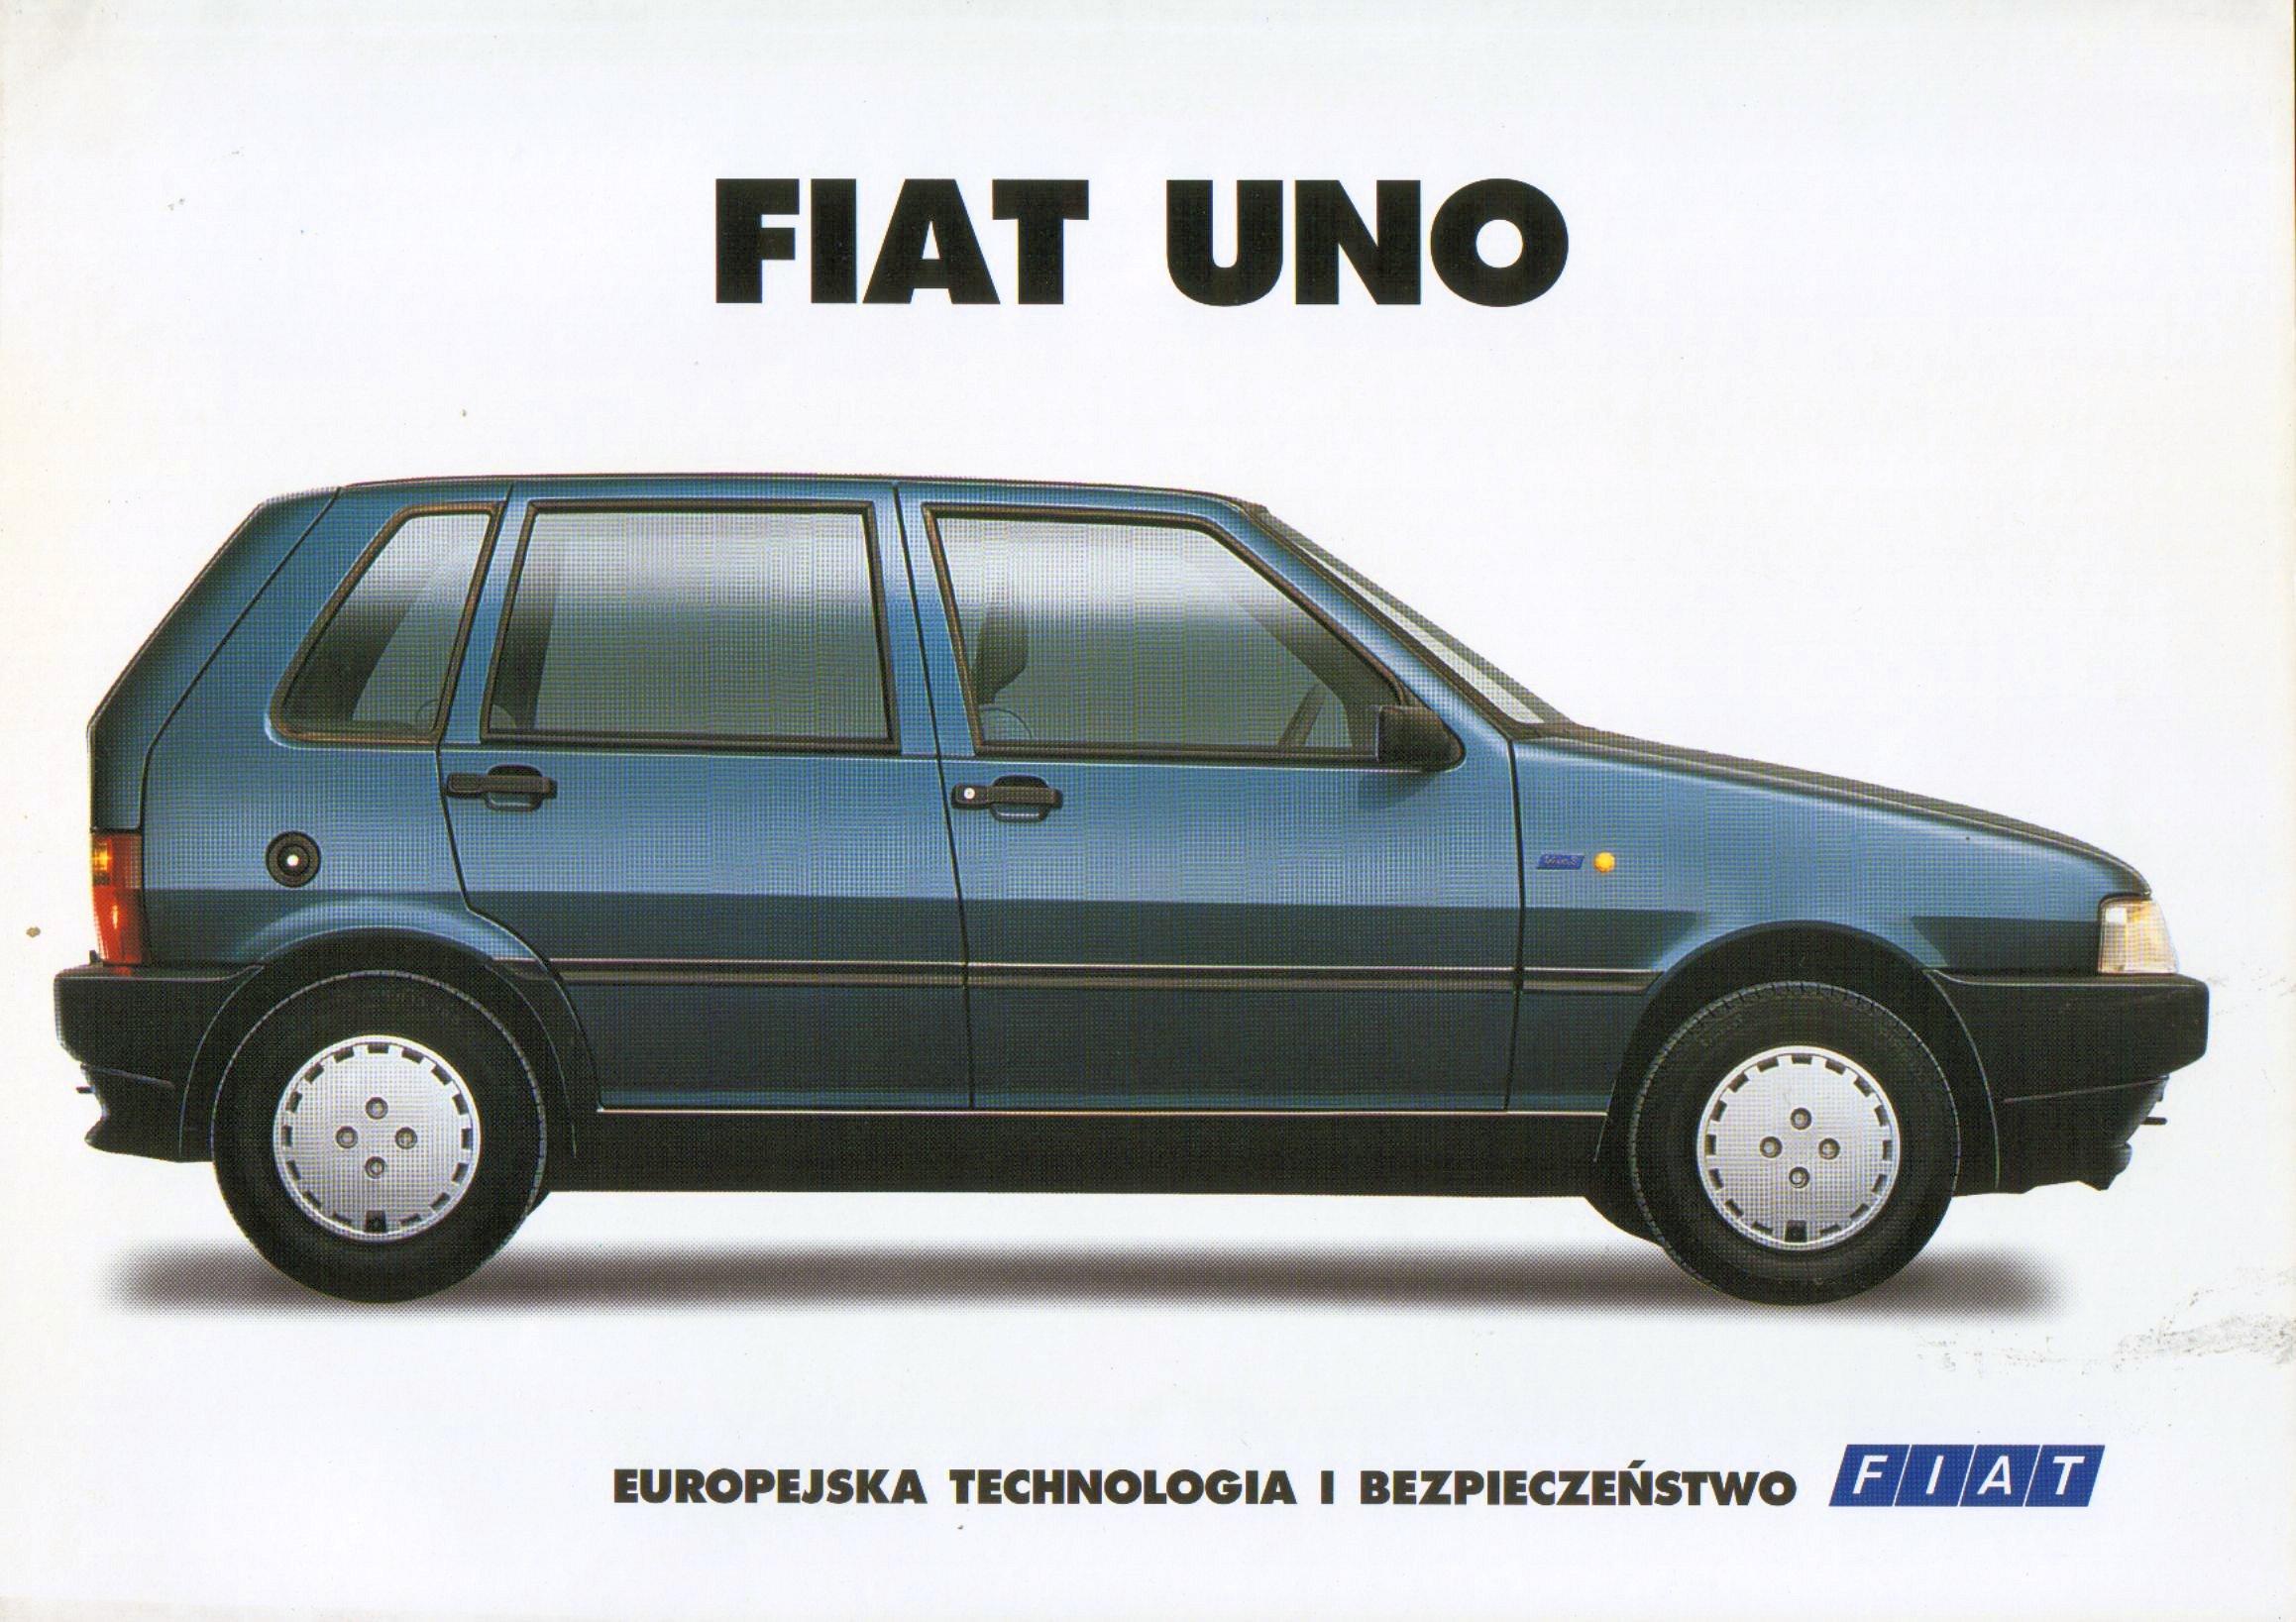 1996 Fiat Uno Brochure